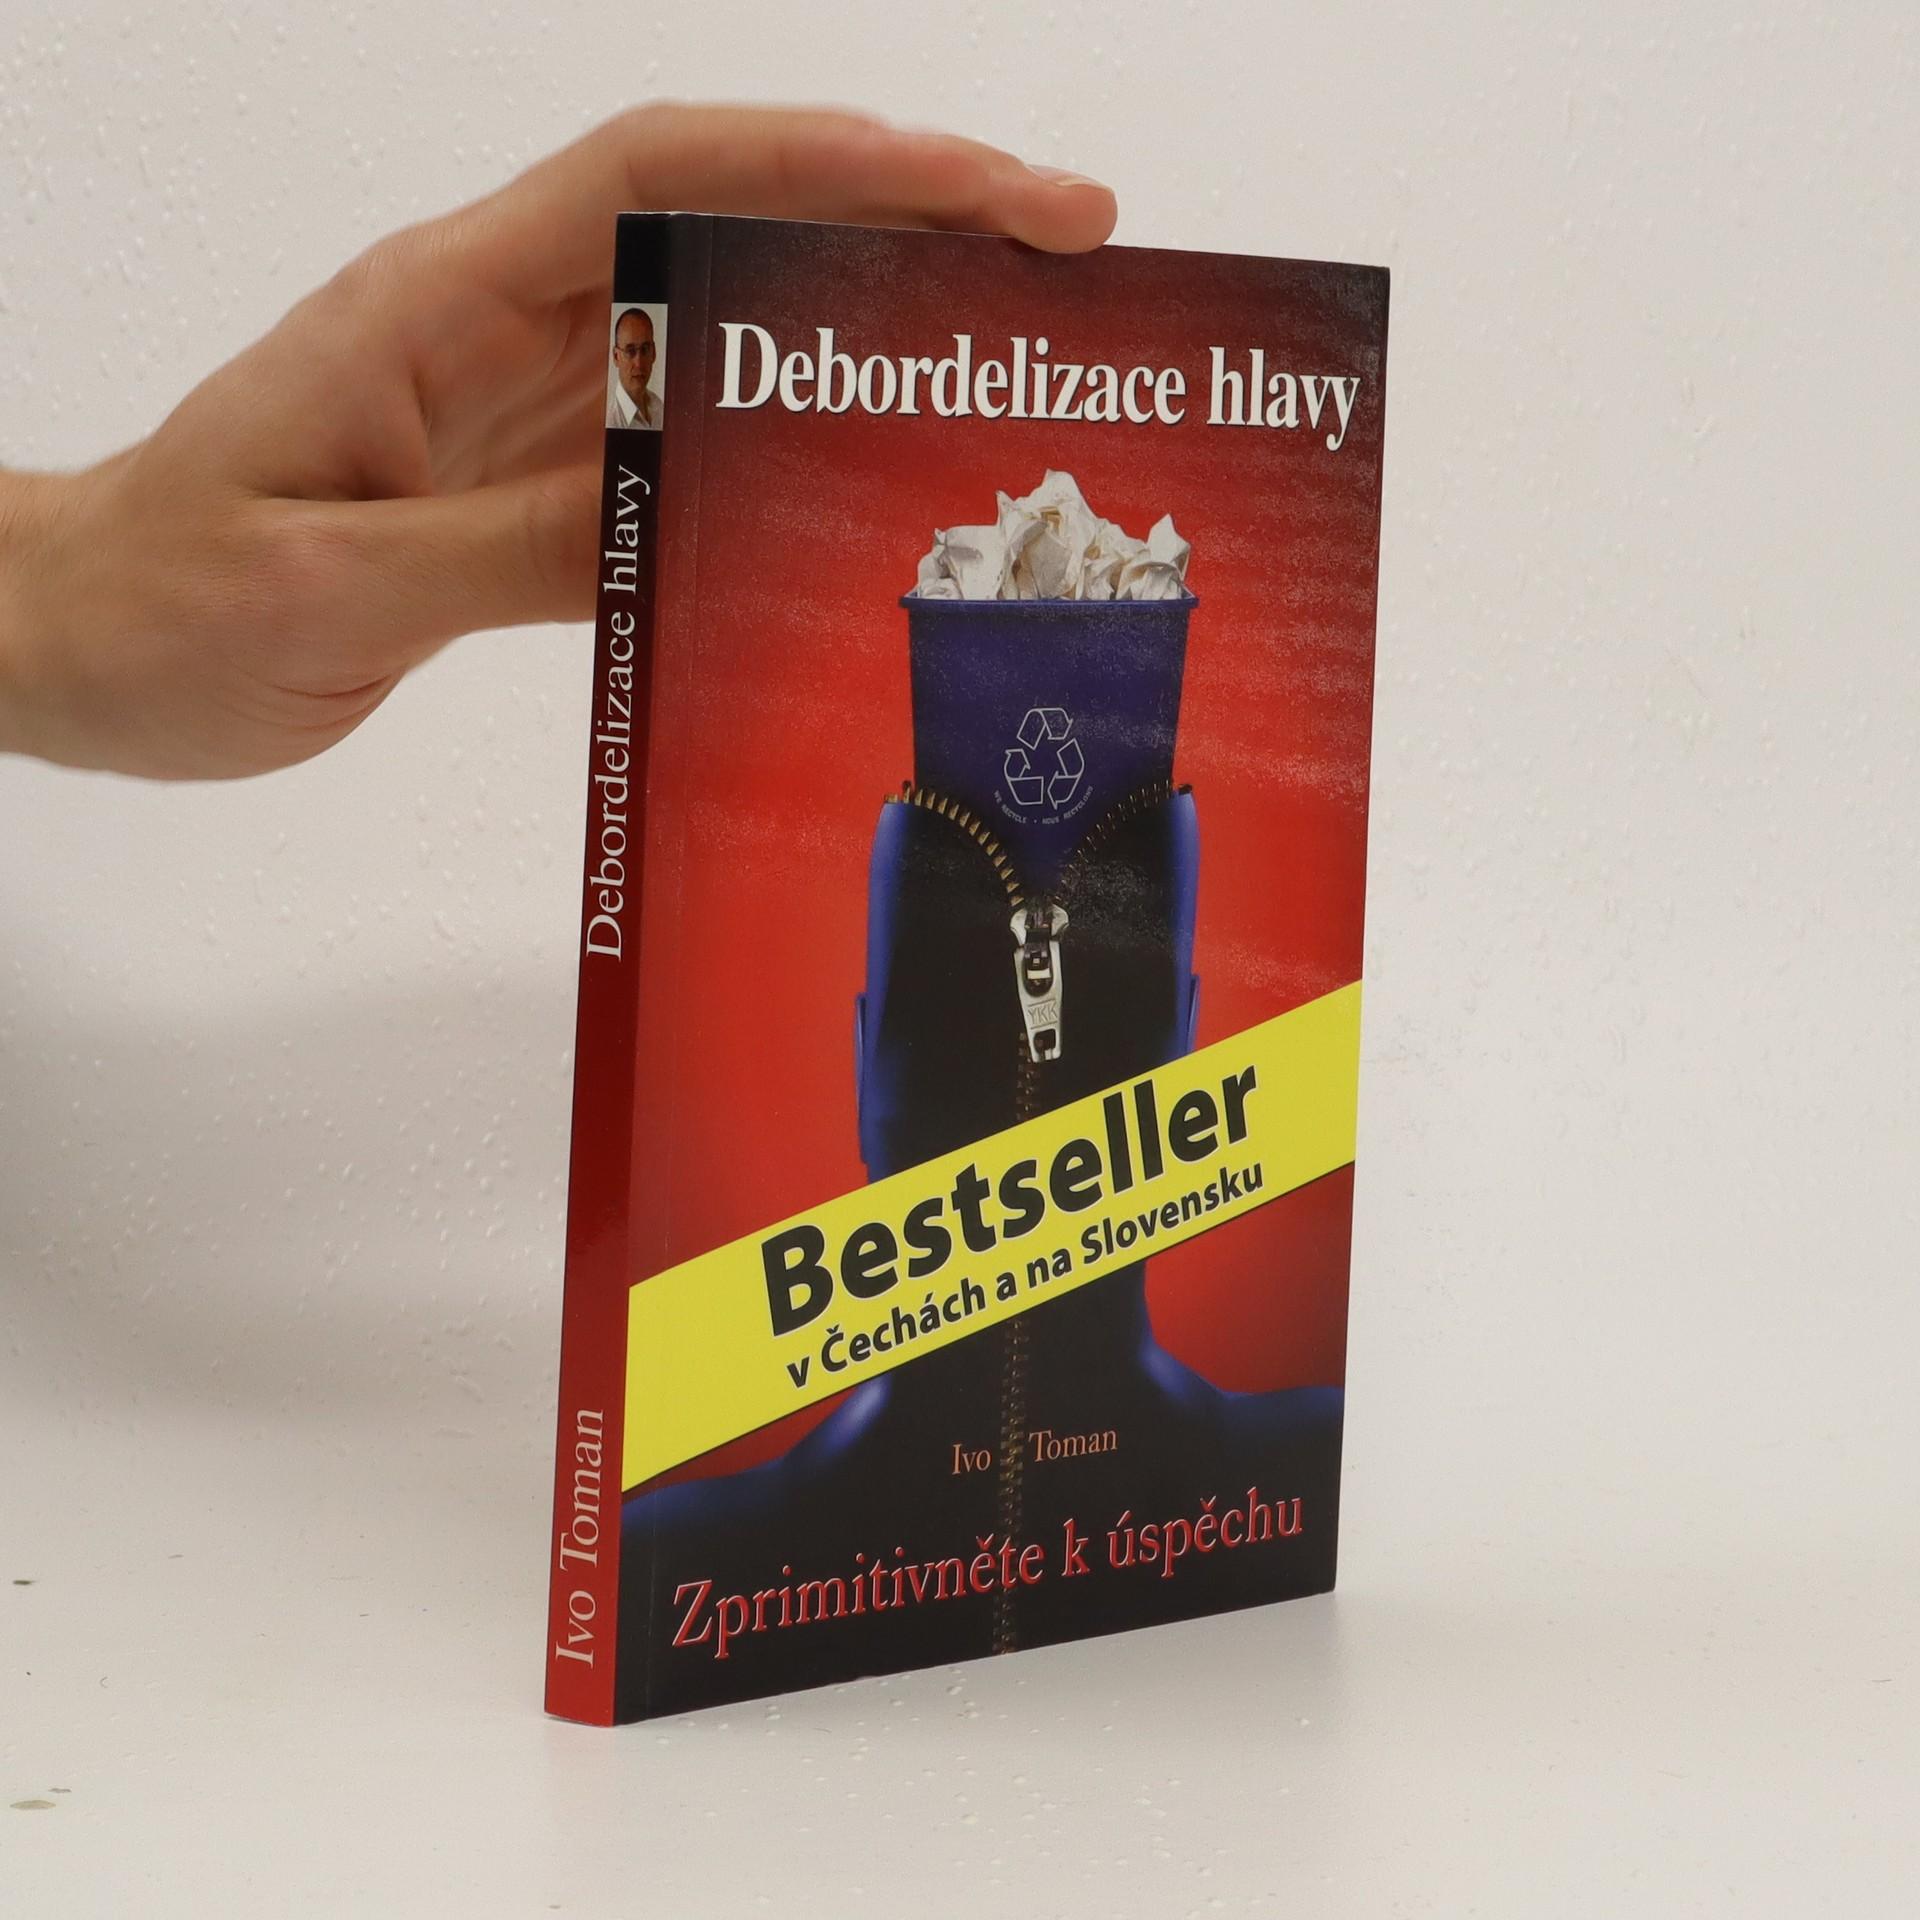 antikvární kniha Debordelizace hlavy - zprimitivněte k úspěchu, neuveden